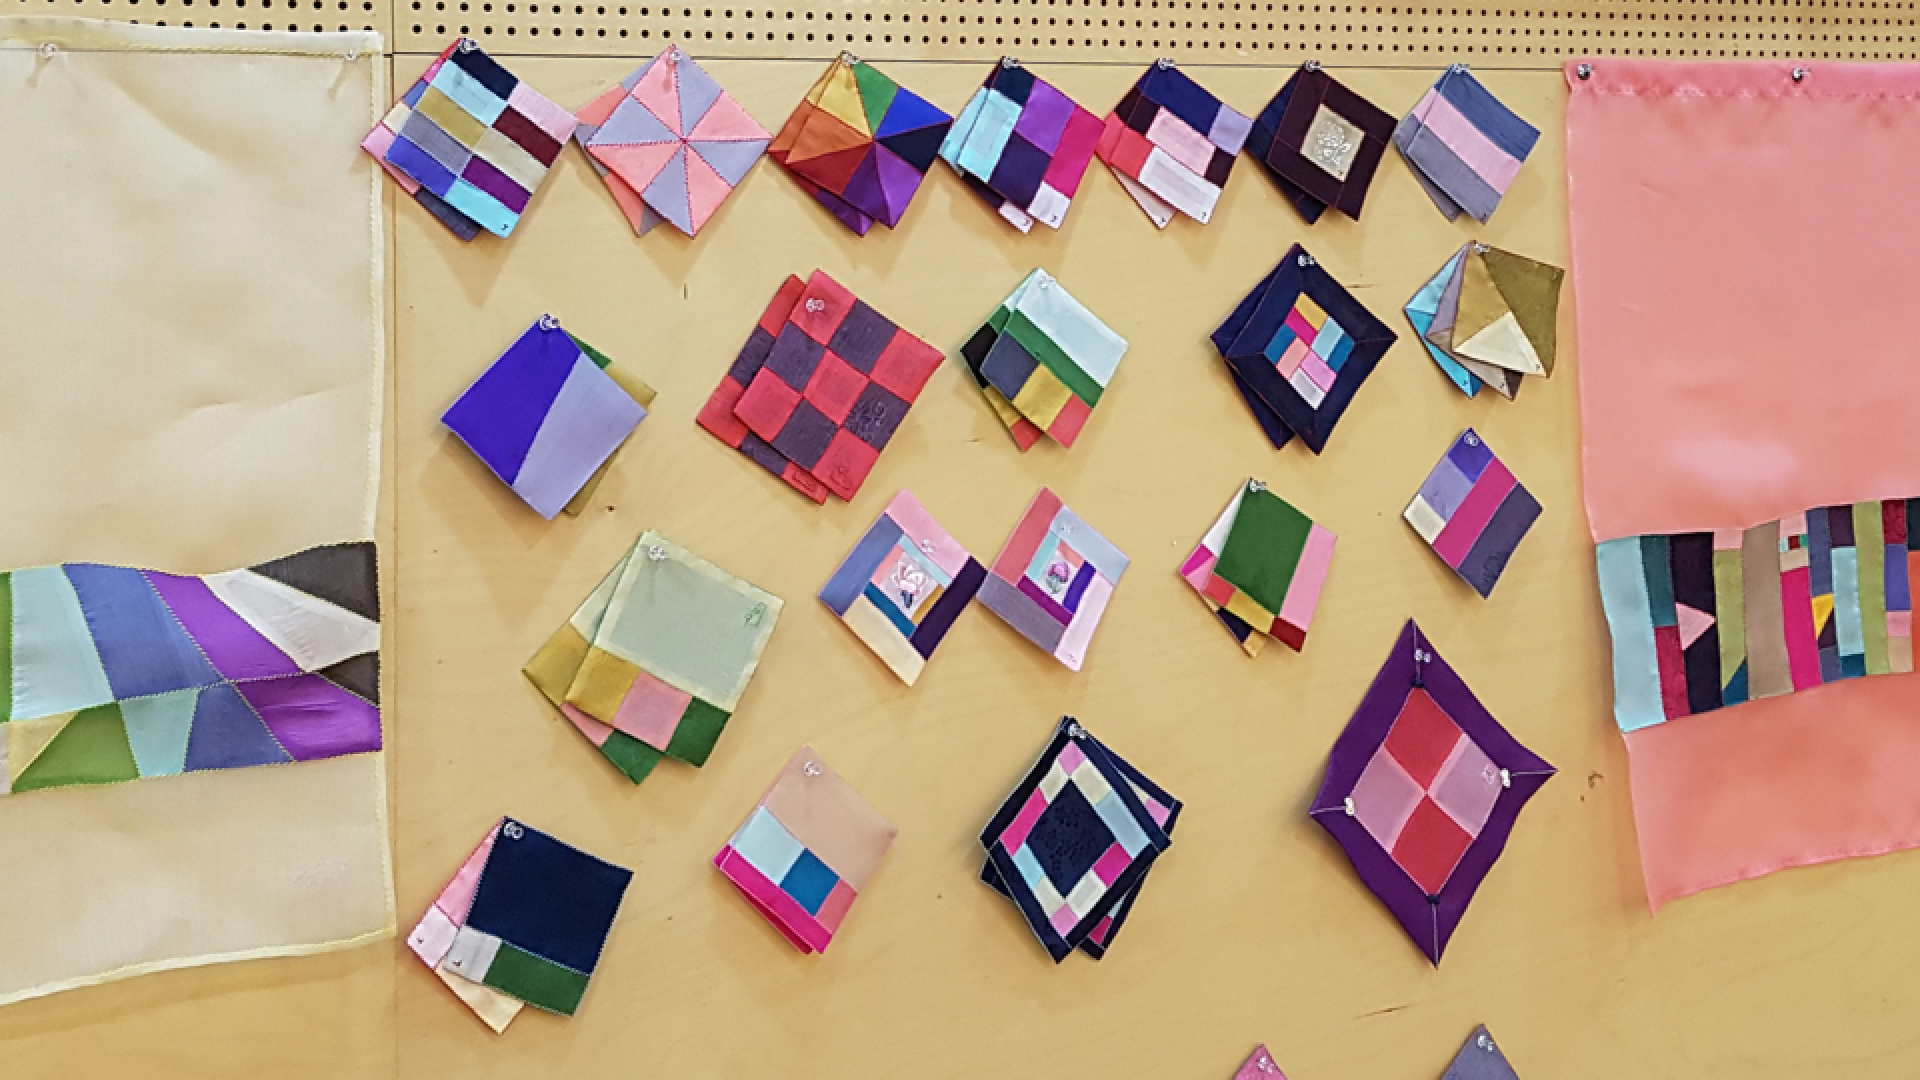 【首爾傳統手作】SHAREUS 韓國傳統拼布 DIY 製作體驗